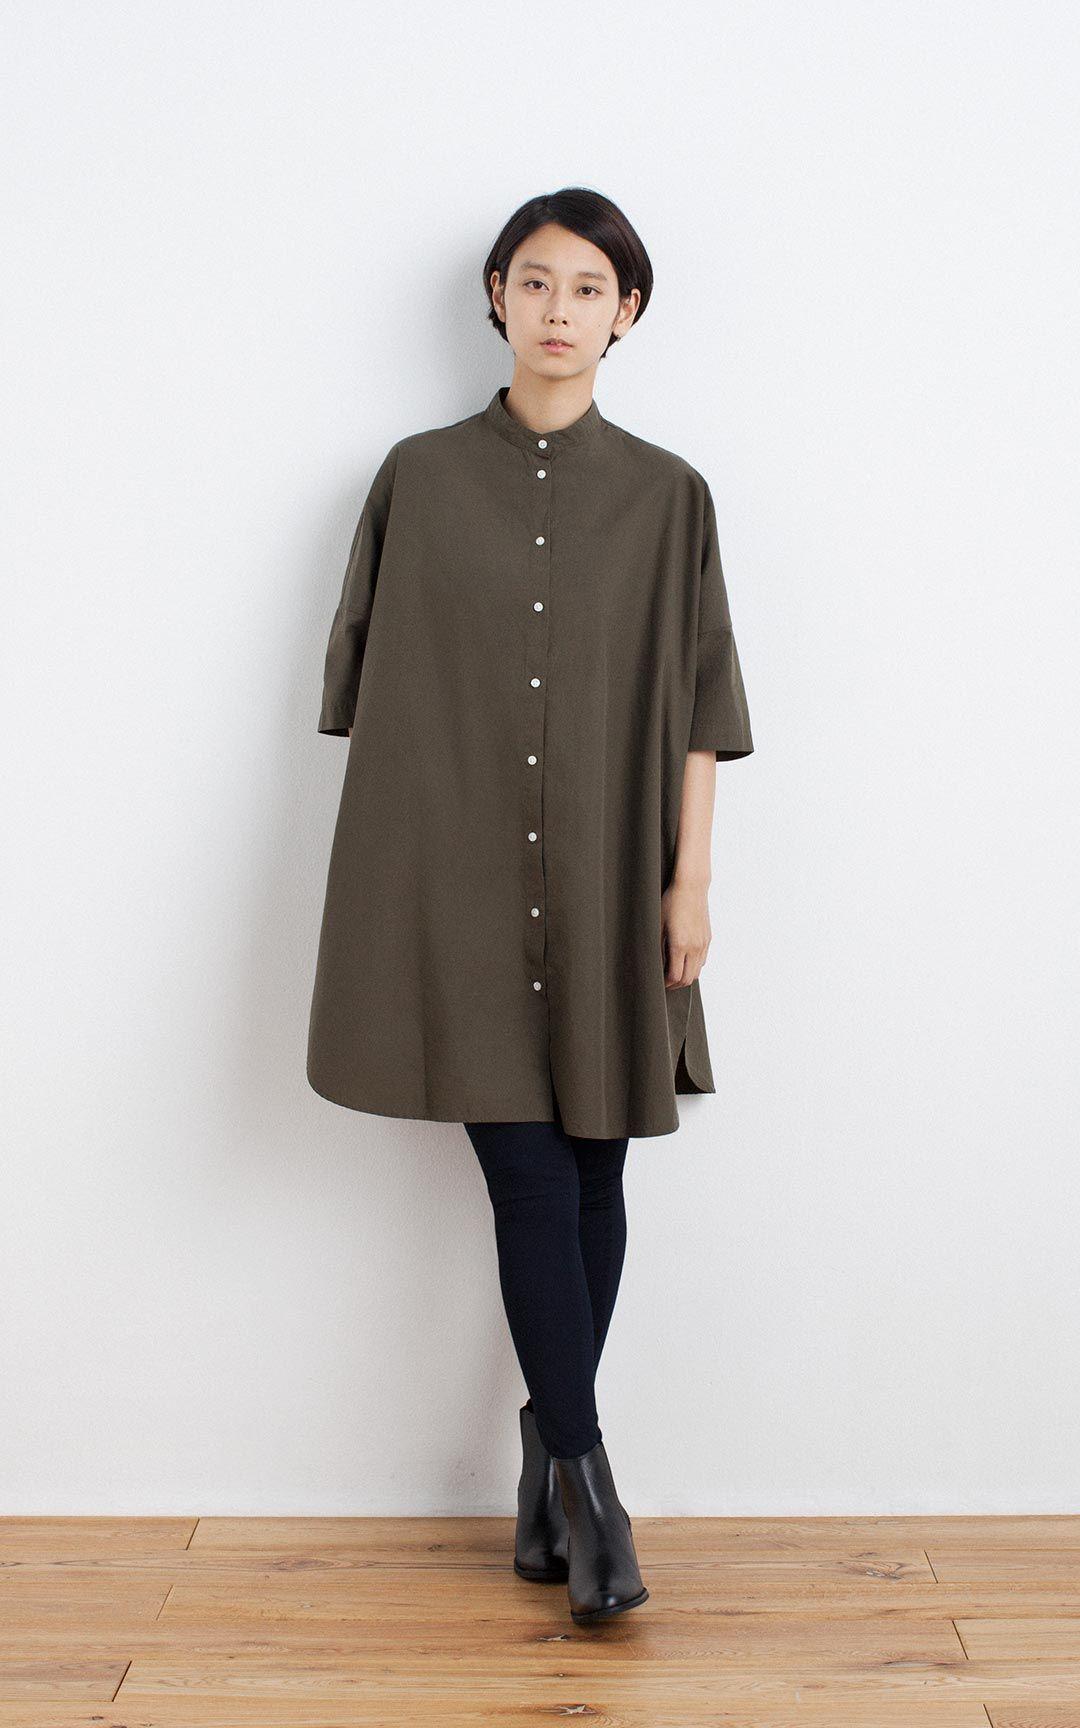 Womens Fashion Clothing: OGC WASHED 3/4 SLEEVE TUNIC